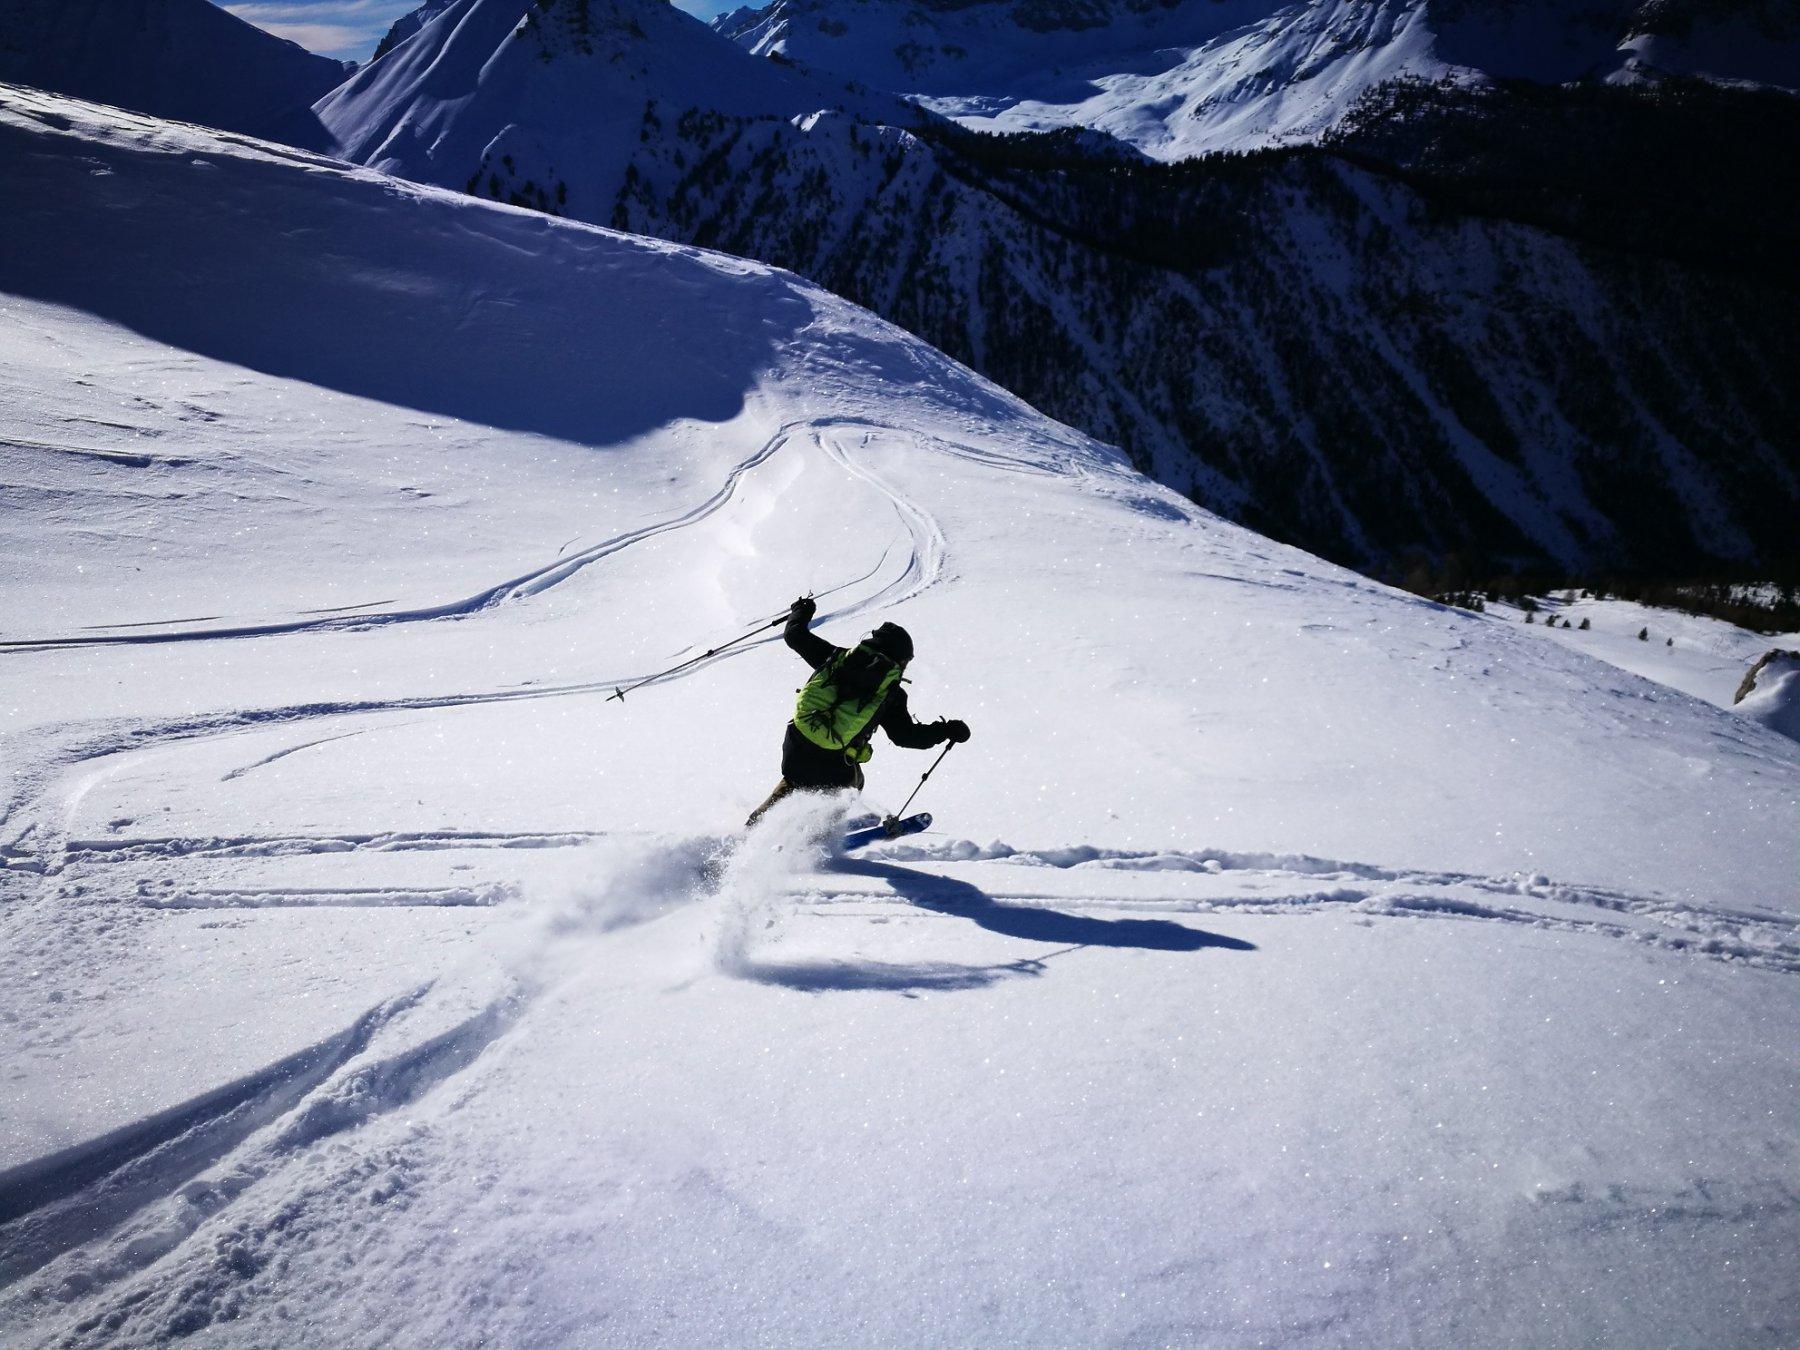 veder sciare Mattia ha il suo perchè